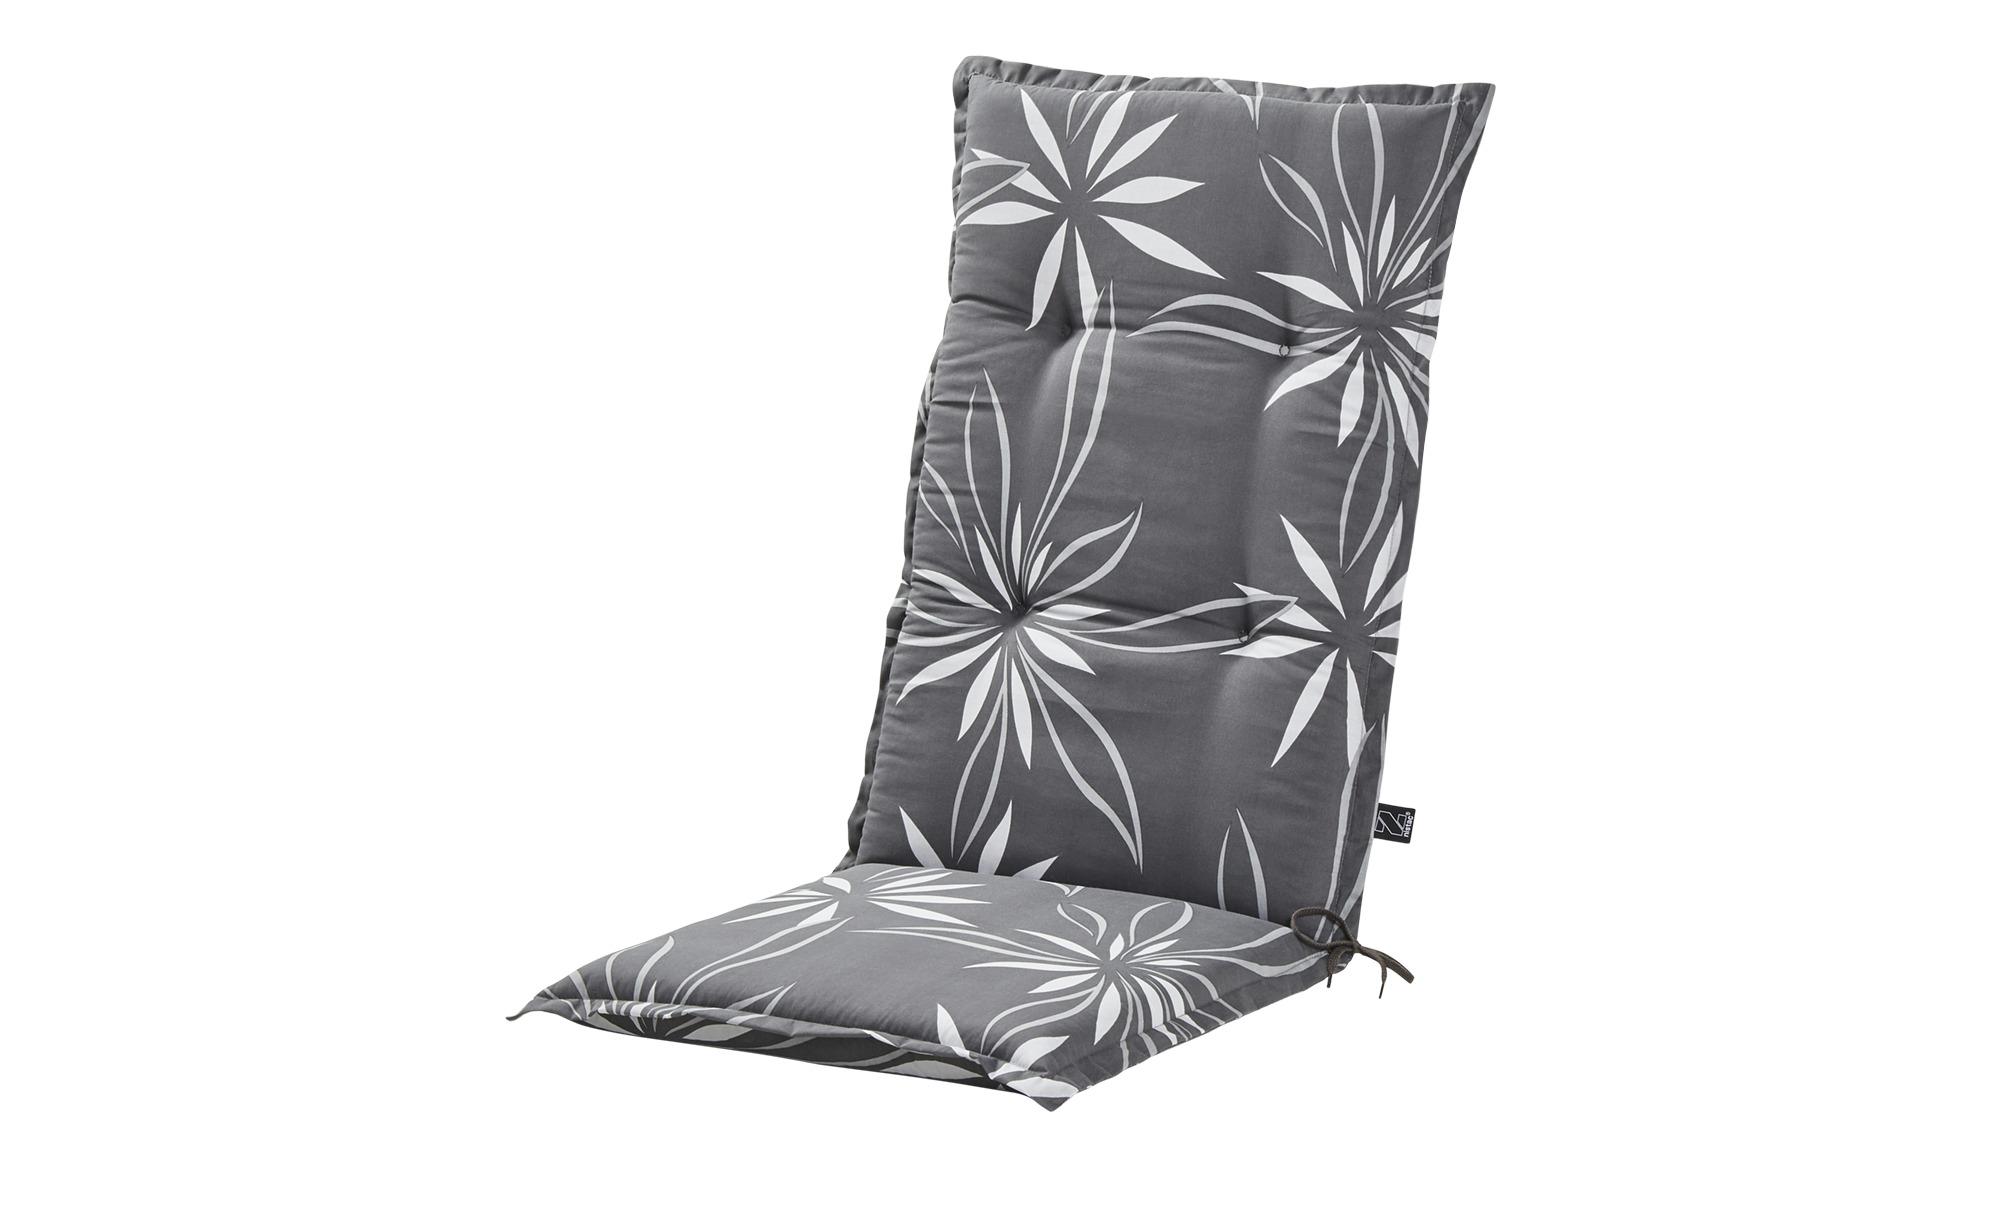 KETTLER Polska Auflage  Grey Bloom ¦ grau ¦ Maße (cm): B: 50 H: 8 Garten > Auflagen & Kissen > Hochlehner-Auflagen - Höffner